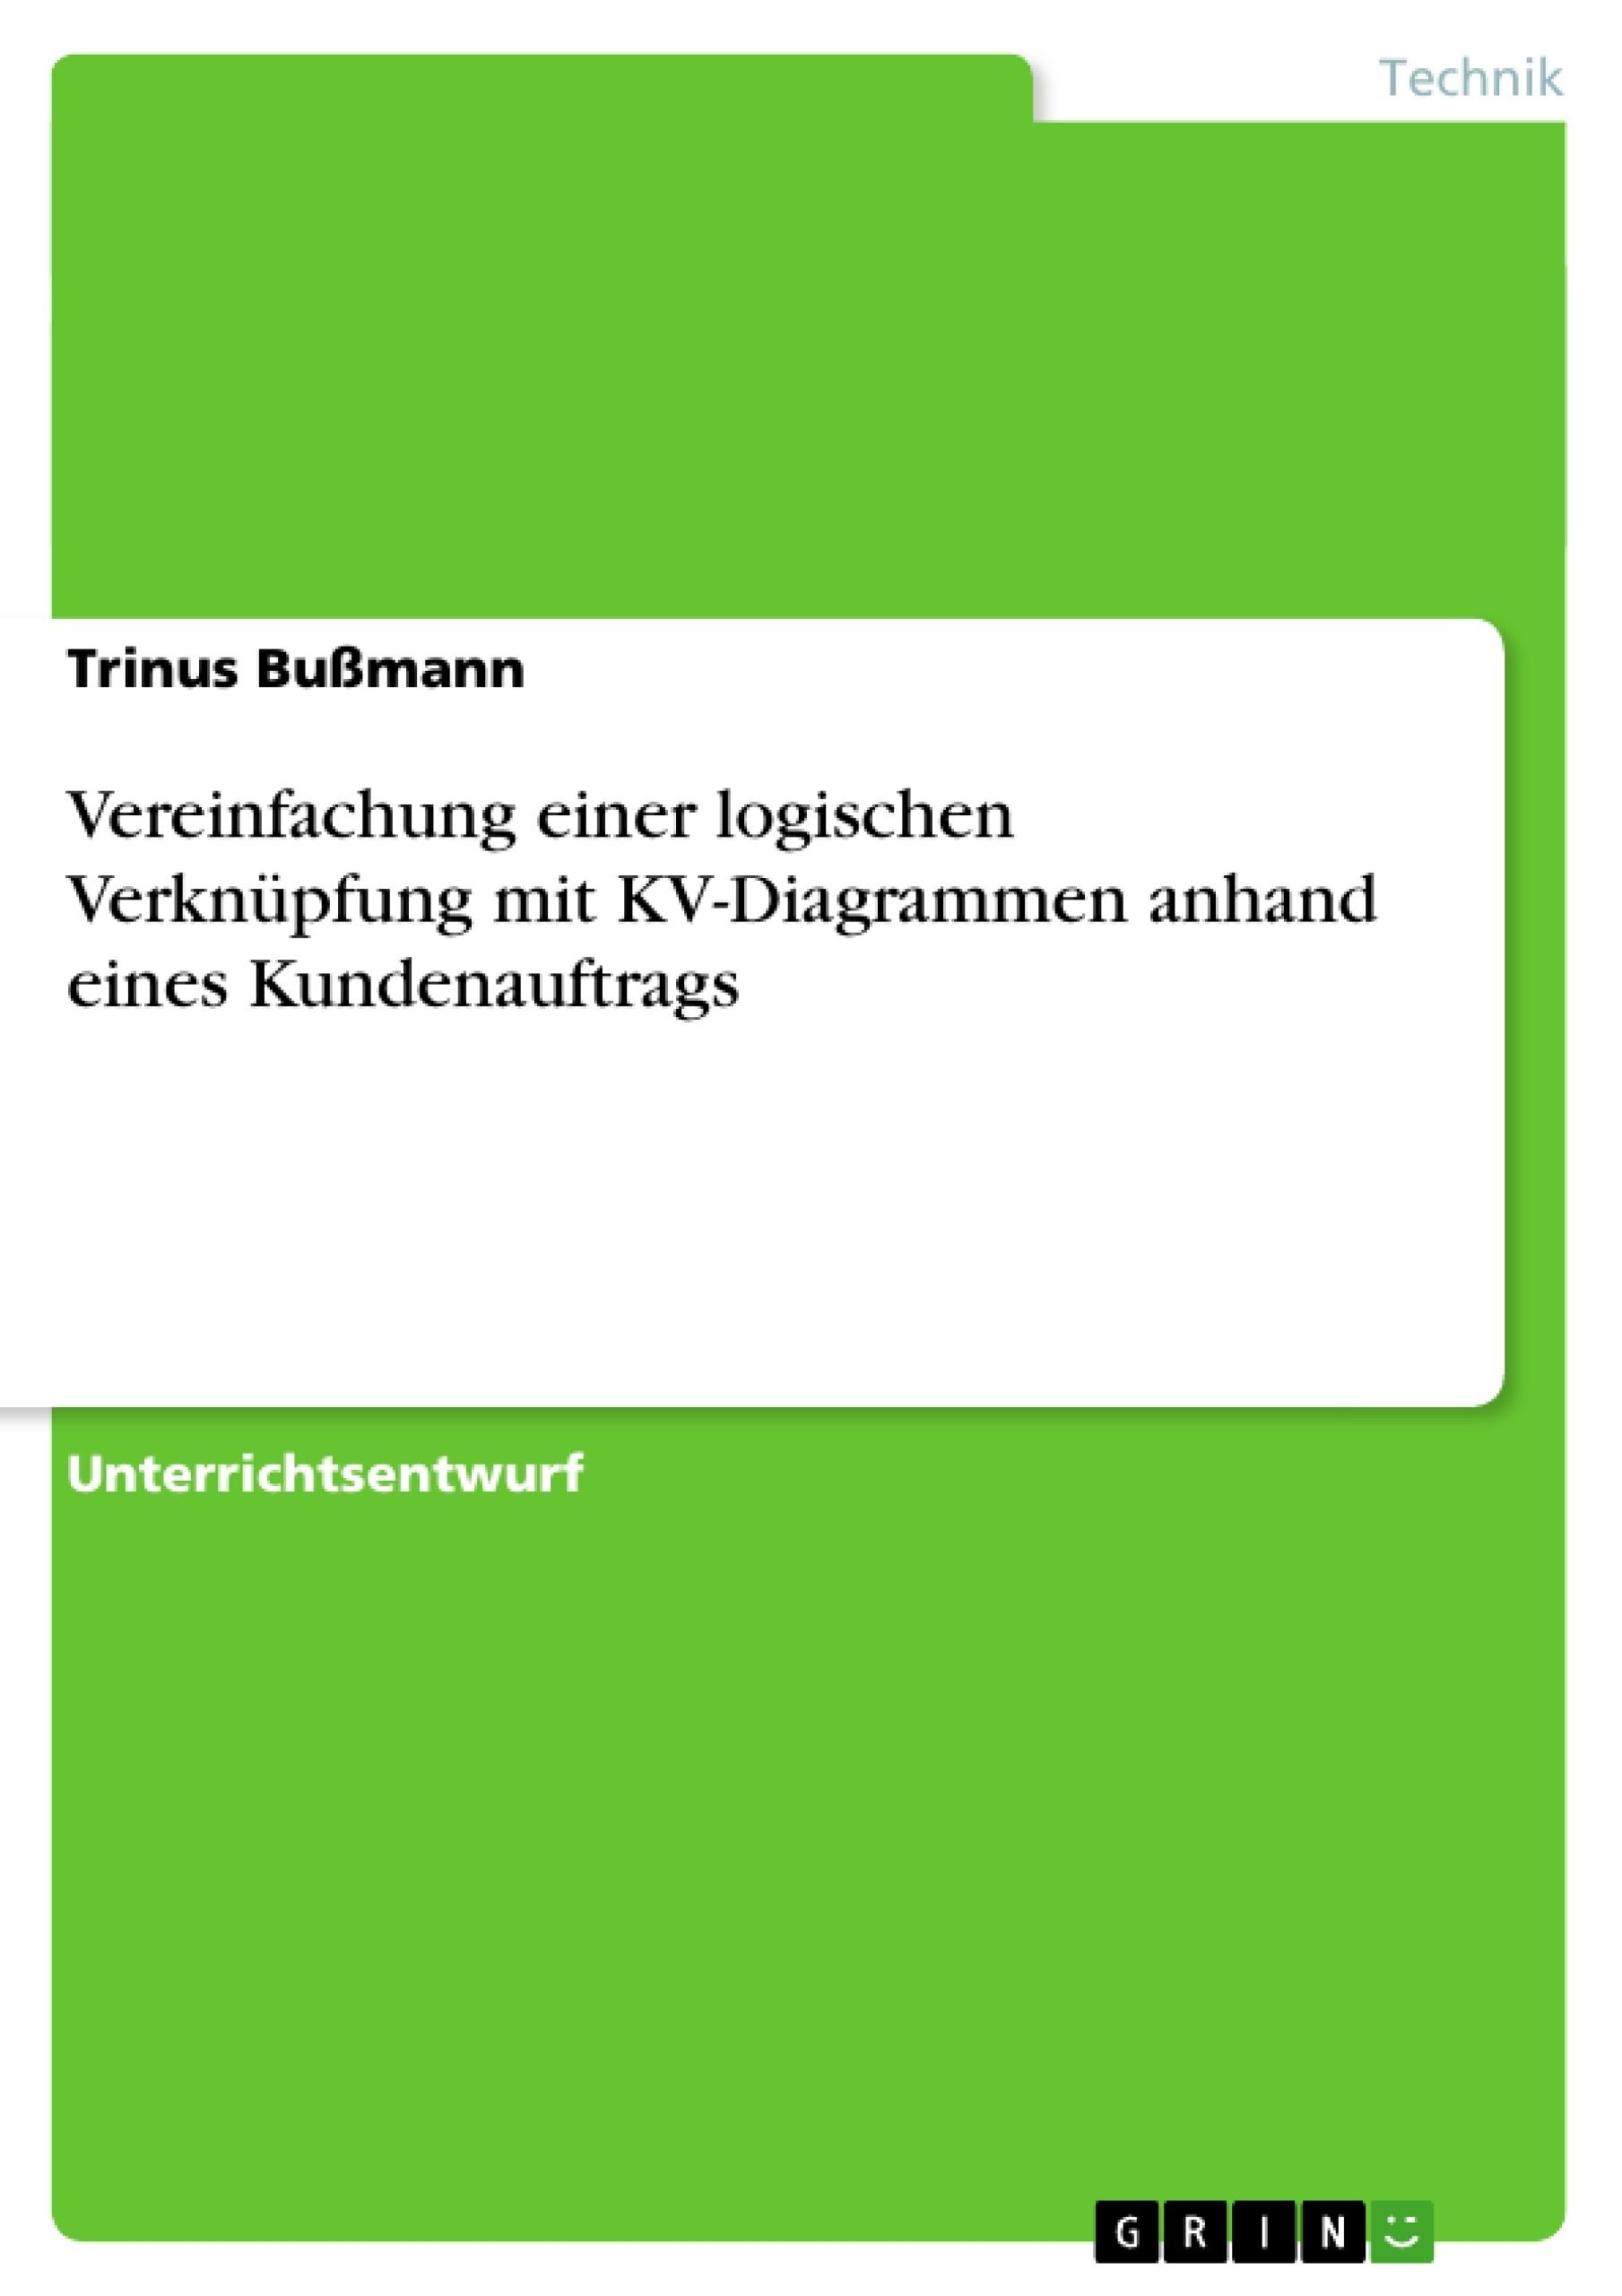 Titel: Vereinfachung einer logischen Verknüpfung mit KV-Diagrammen anhand eines Kundenauftrags